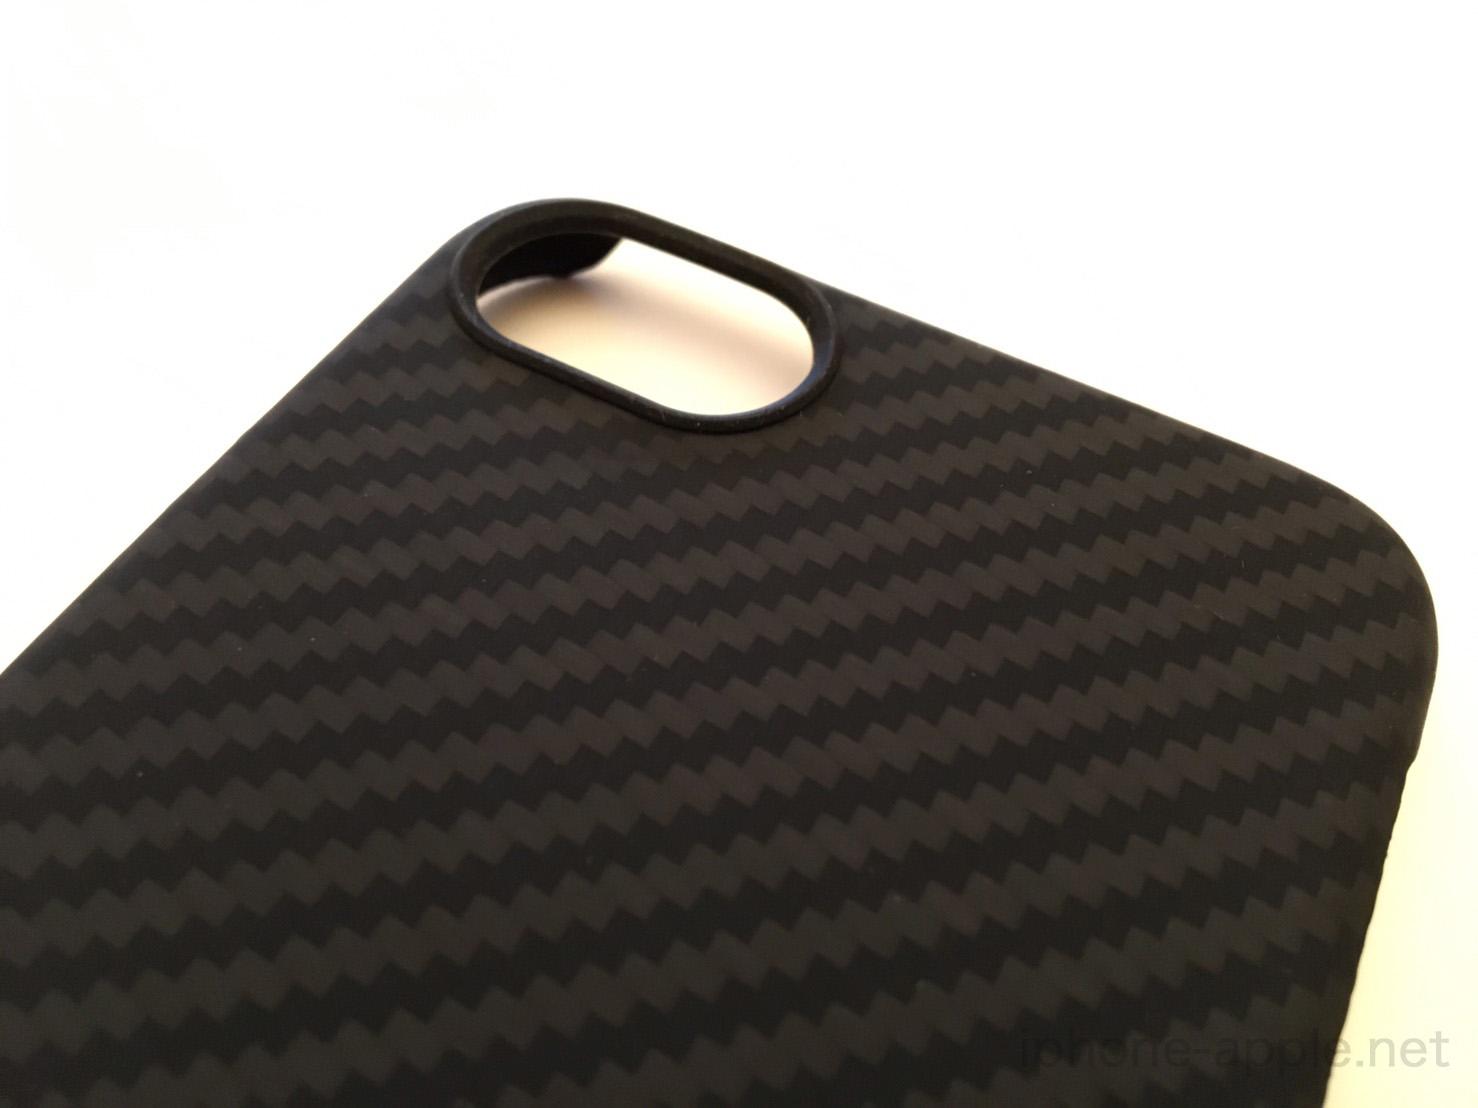 pitaka-iphone7-case-amazon-11